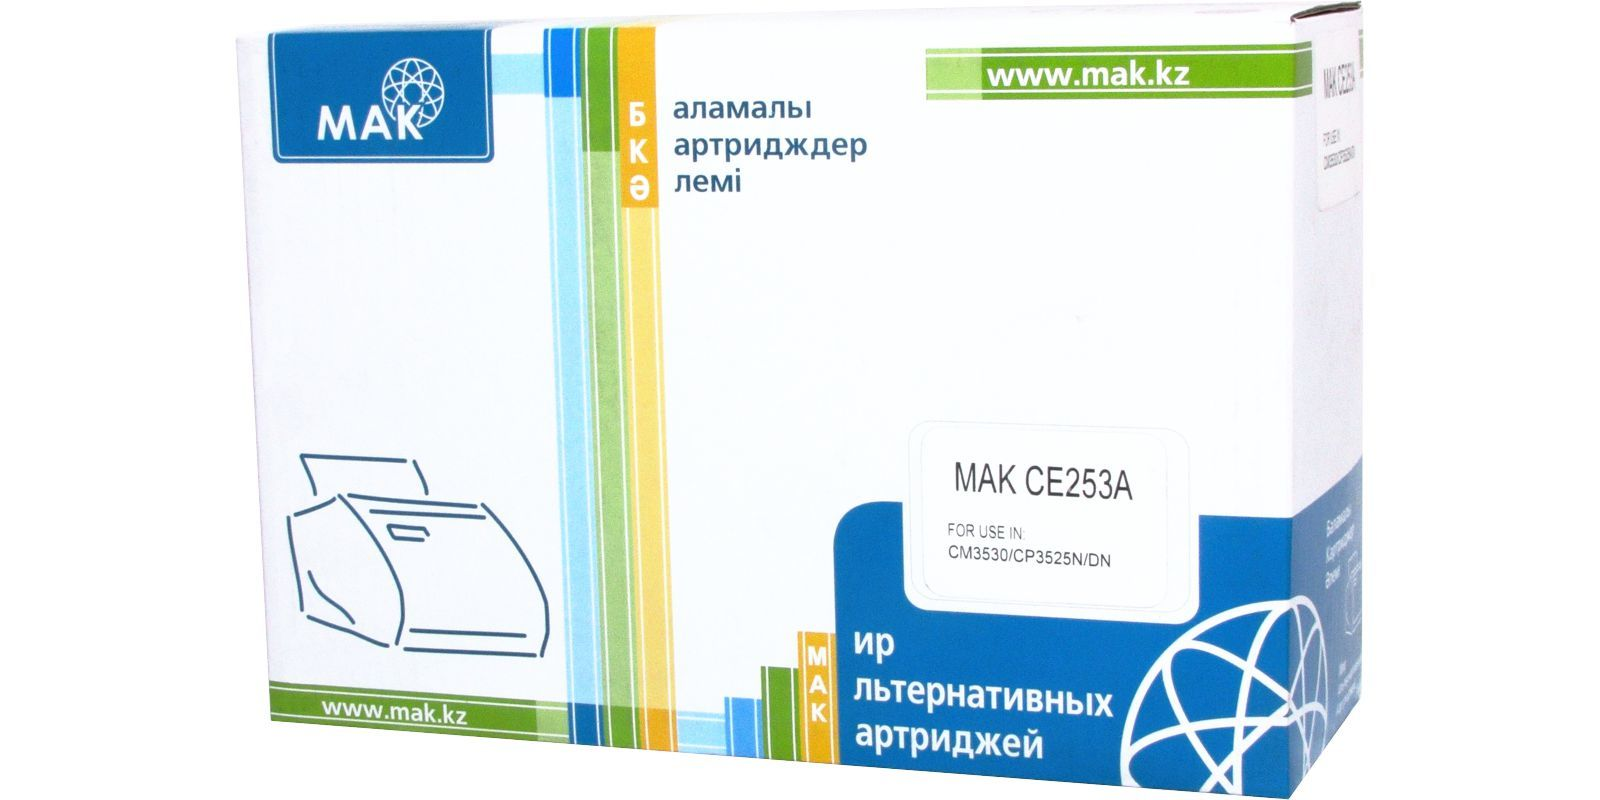 Картридж лазерный цветной MAK© 504A CE253A пурпурный (magenta), до 7000 стр.